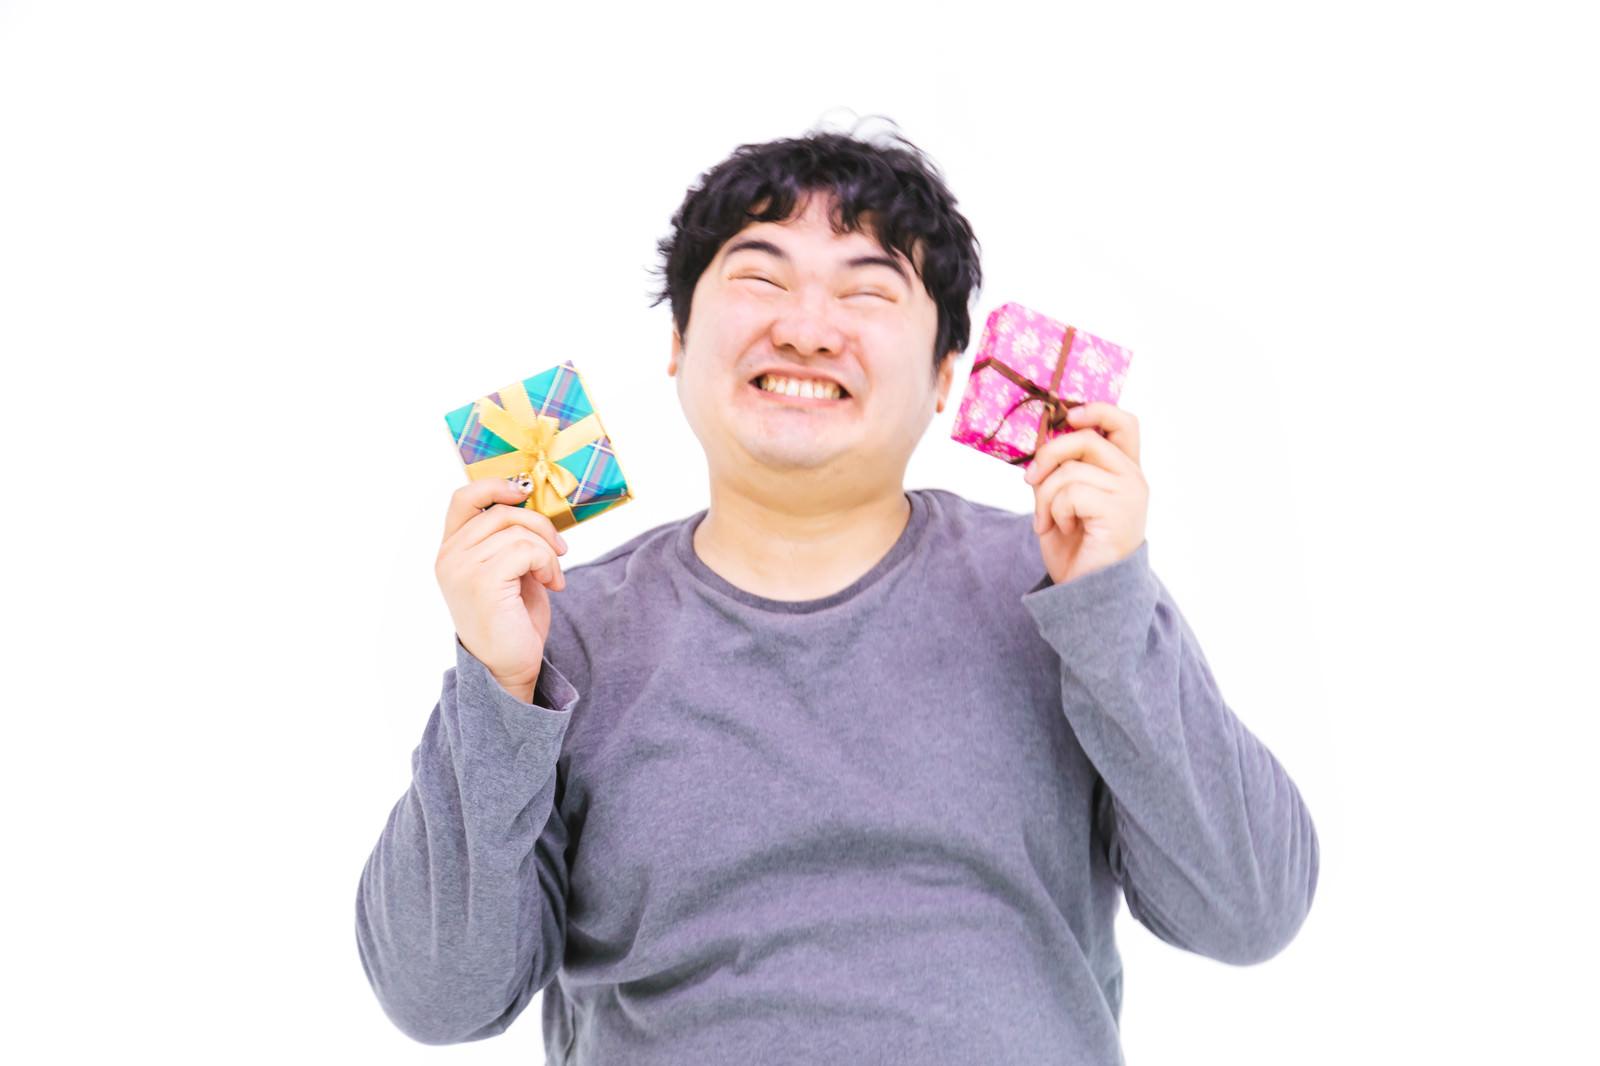 「何度もプレゼントを自慢してくるやつ | 写真の無料素材・フリー素材 - ぱくたそ」の写真[モデル:段田隼人]